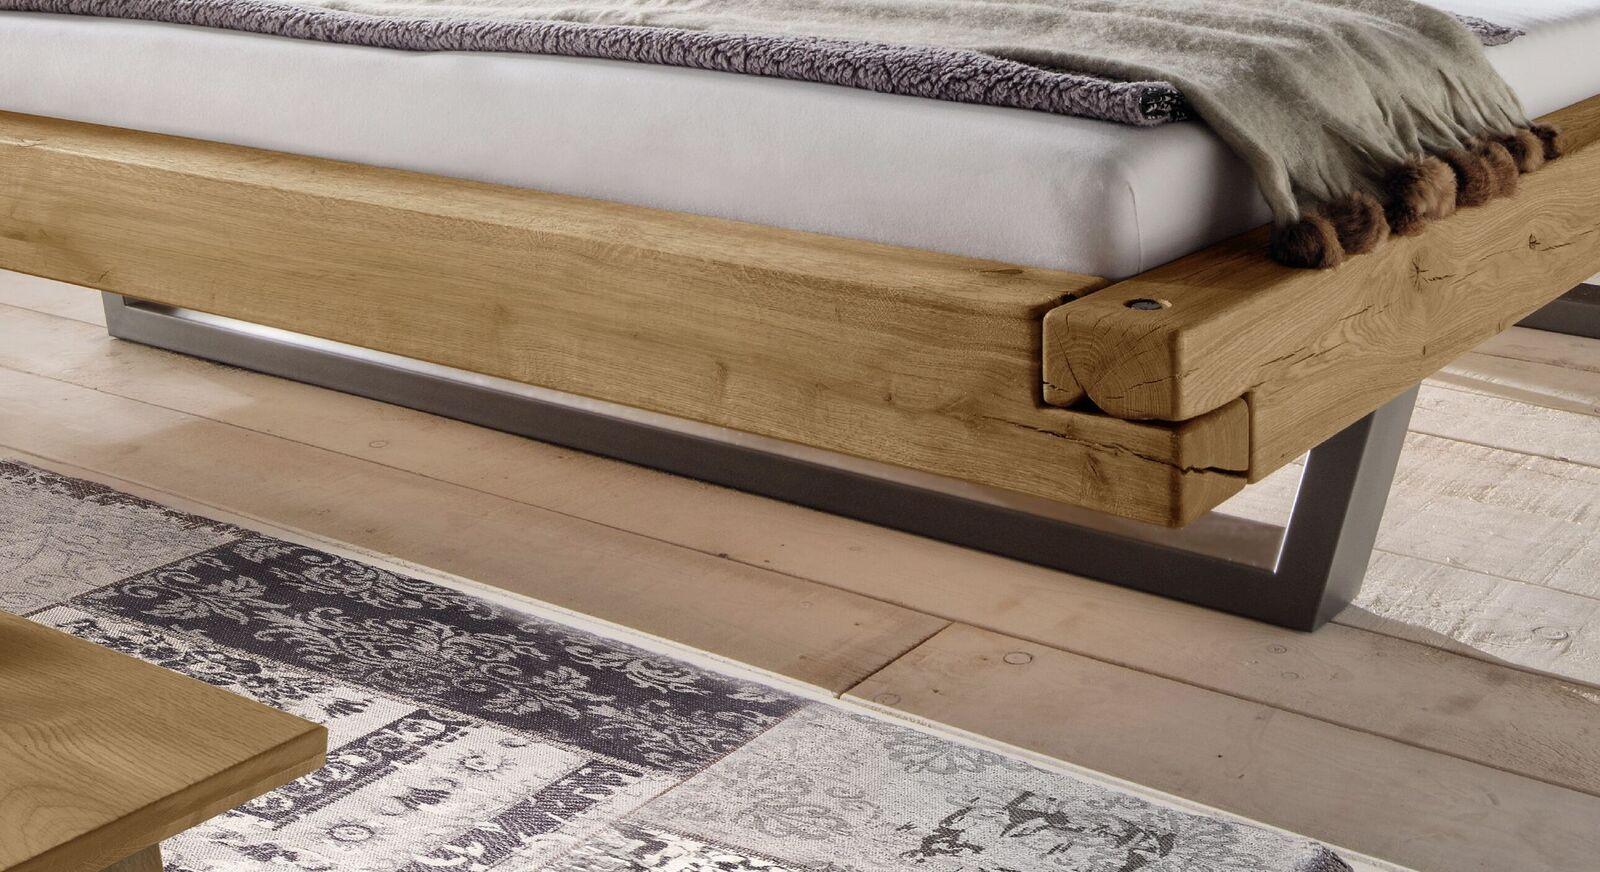 Bett Darica mit stylischen Stahl-Kufen